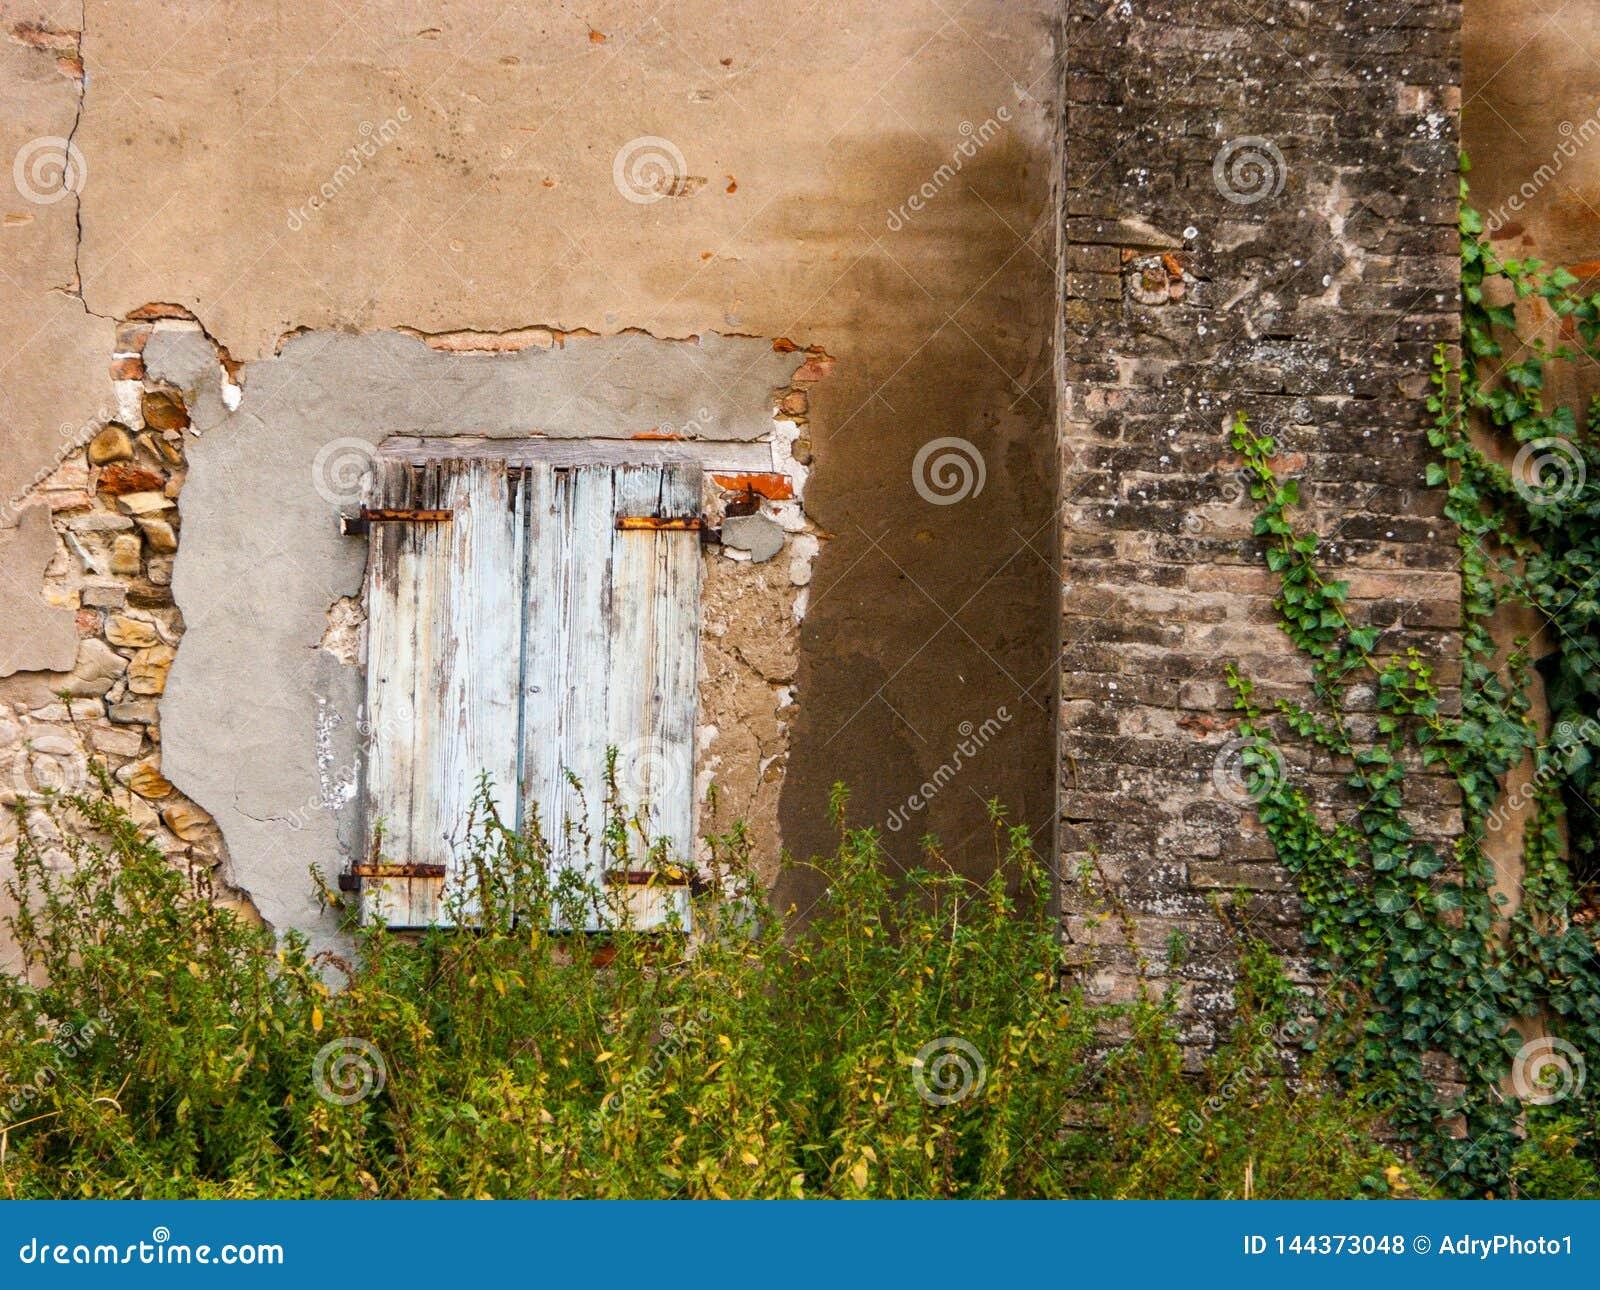 Chambre Rurale Avec La Fenêtre Détériorée Photo Stock